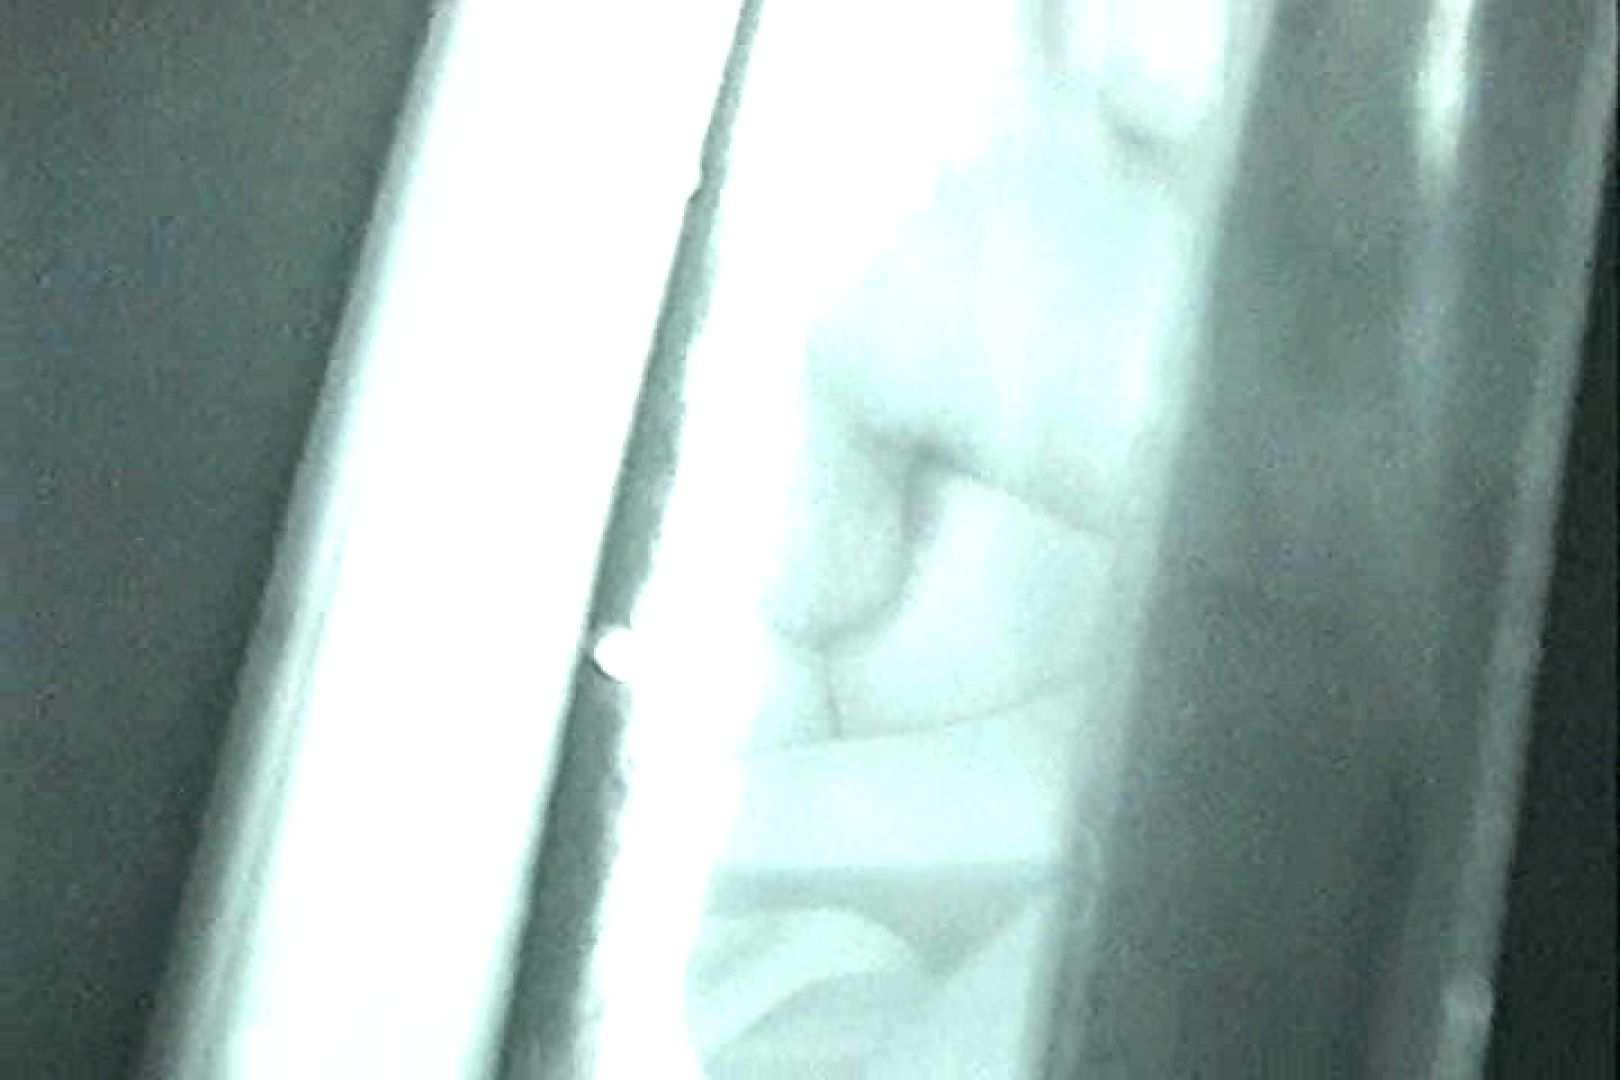 「充血監督」さんの深夜の運動会!! vol.018 OLの実態 覗きおまんこ画像 85pic 67